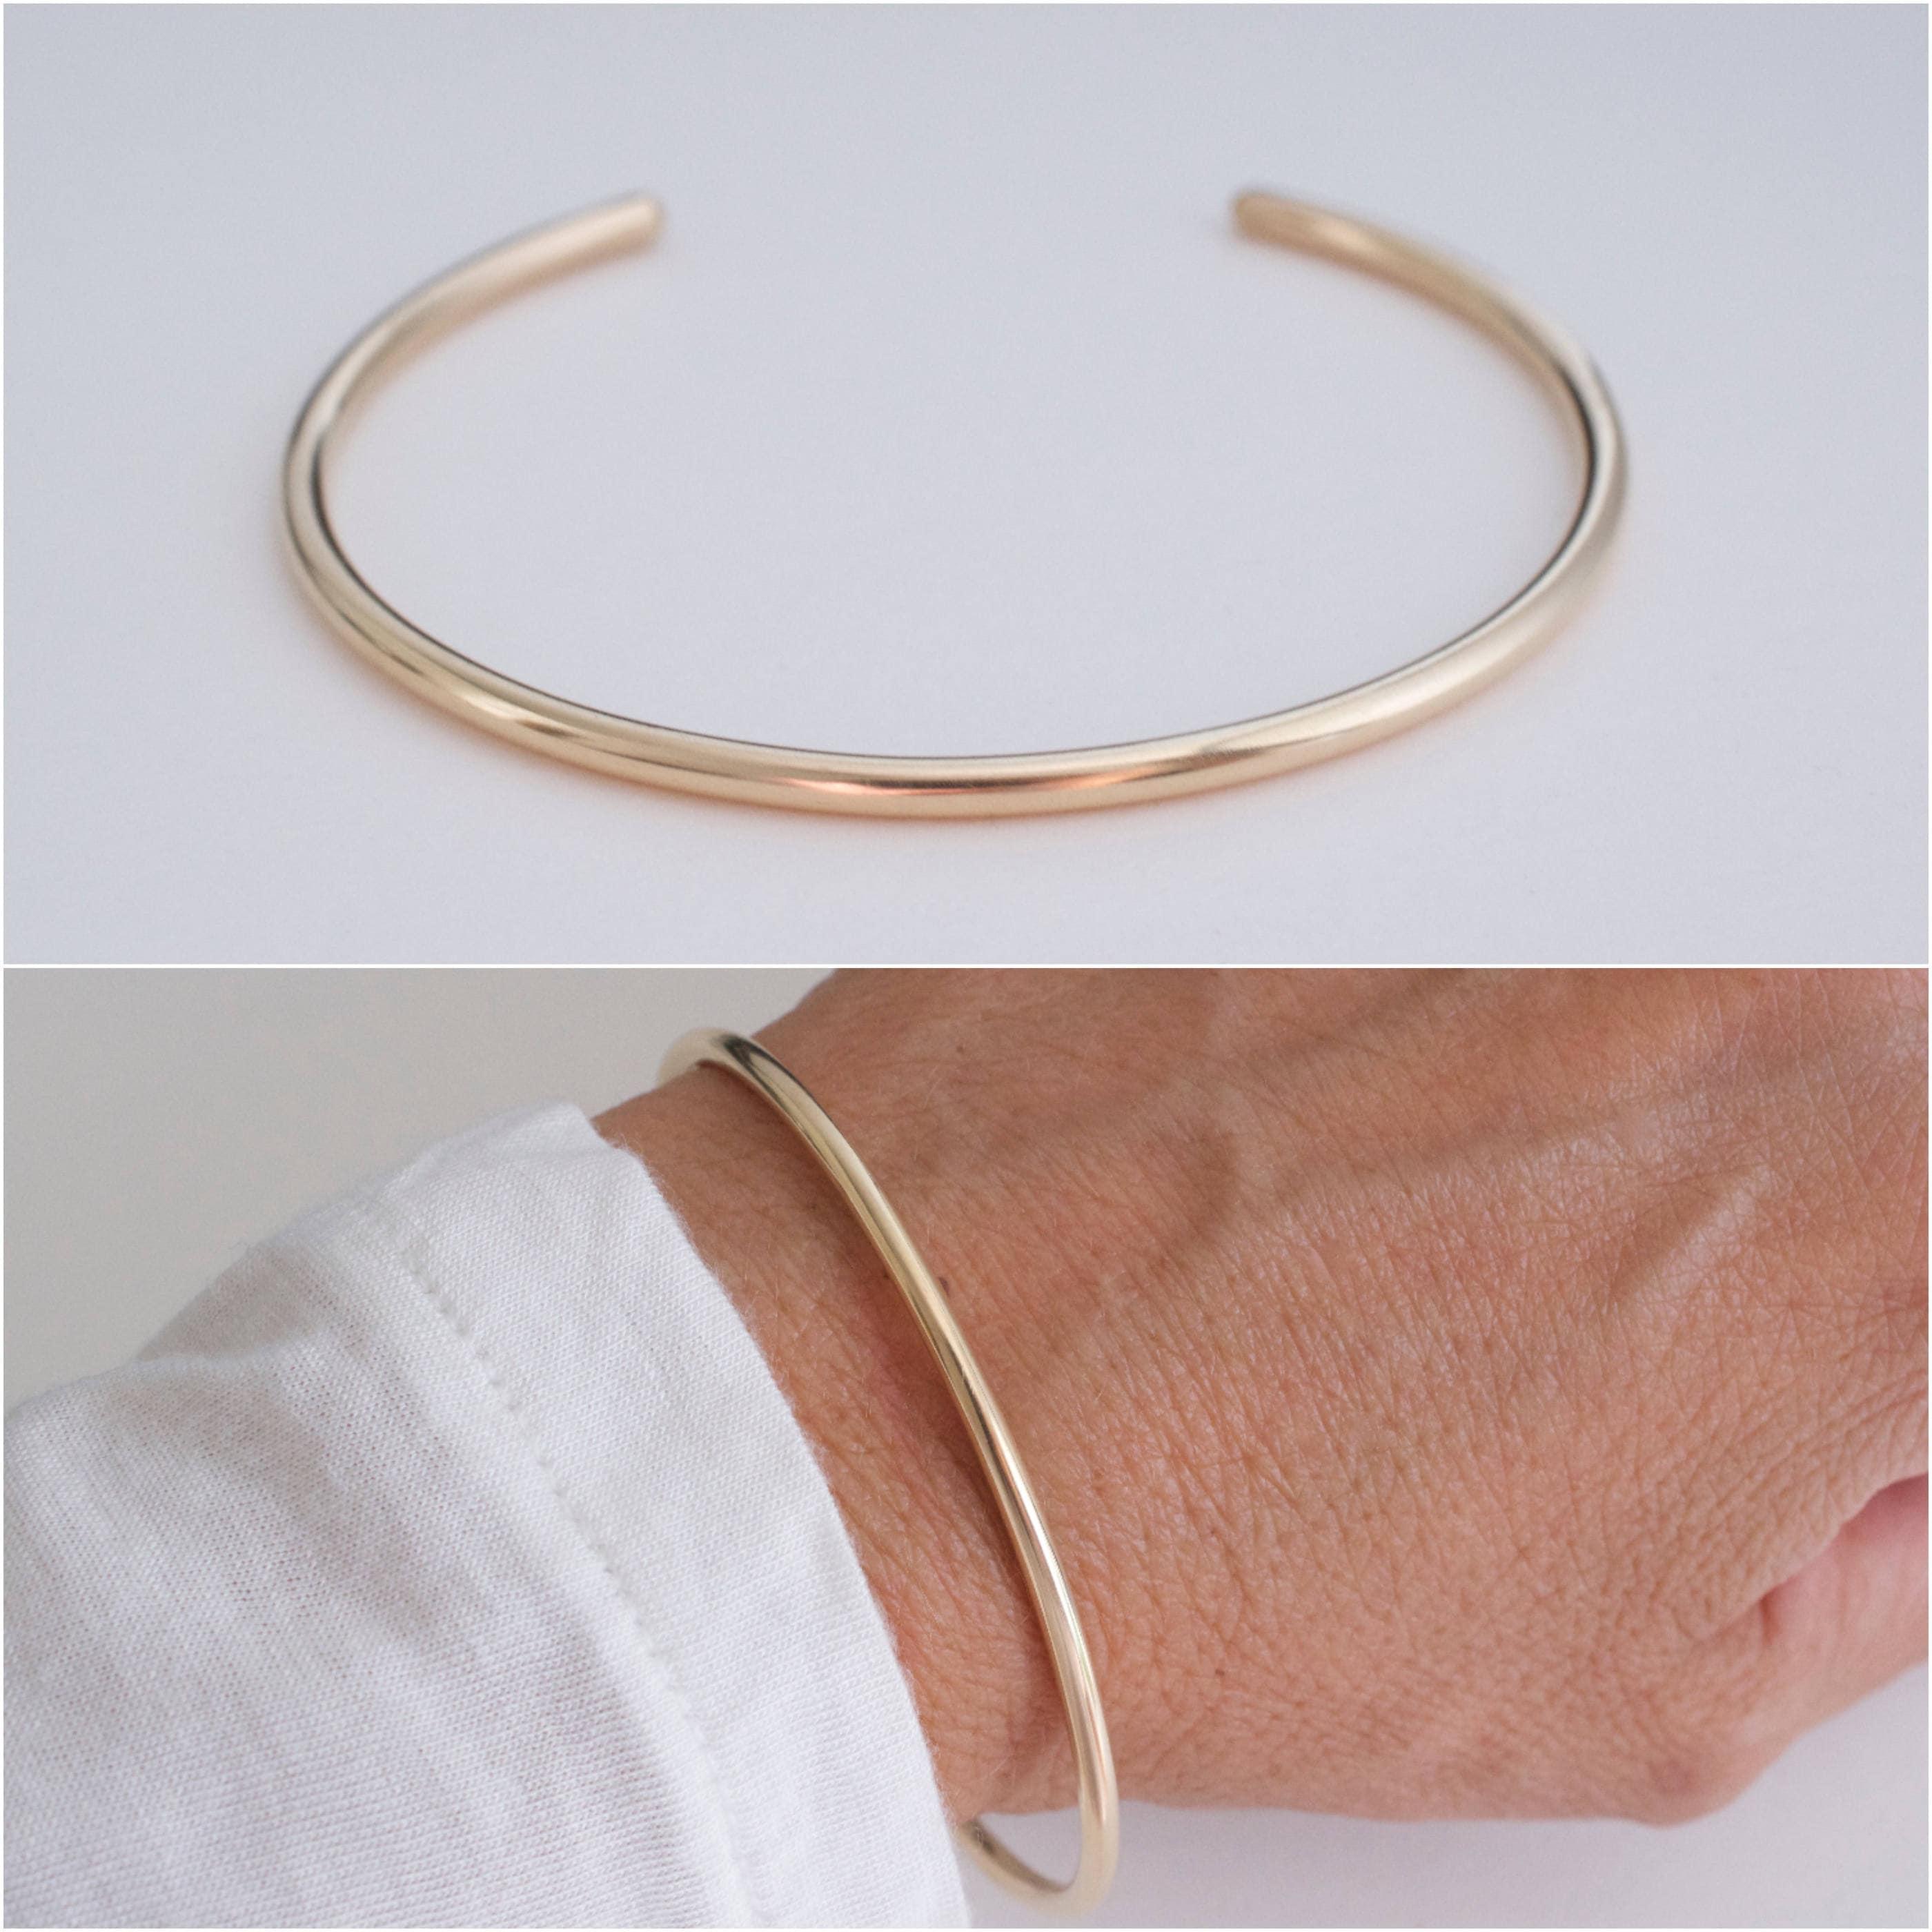 52391aa8c392 14K goldfilled cuff bracelet classic gold cuff wire